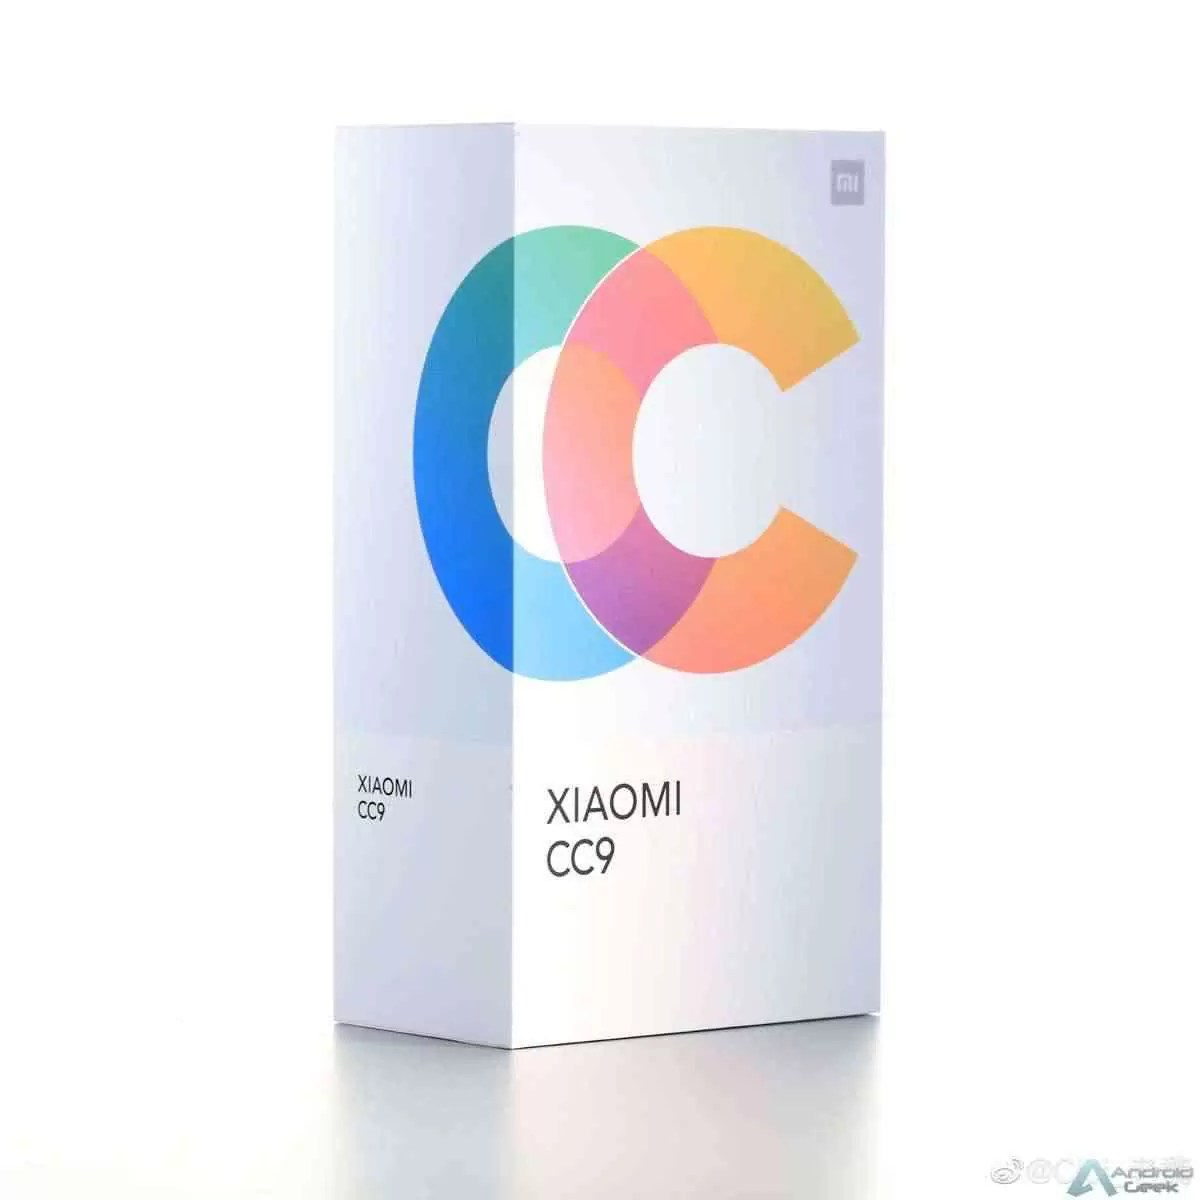 Caixa de venda Xiaomi CC9